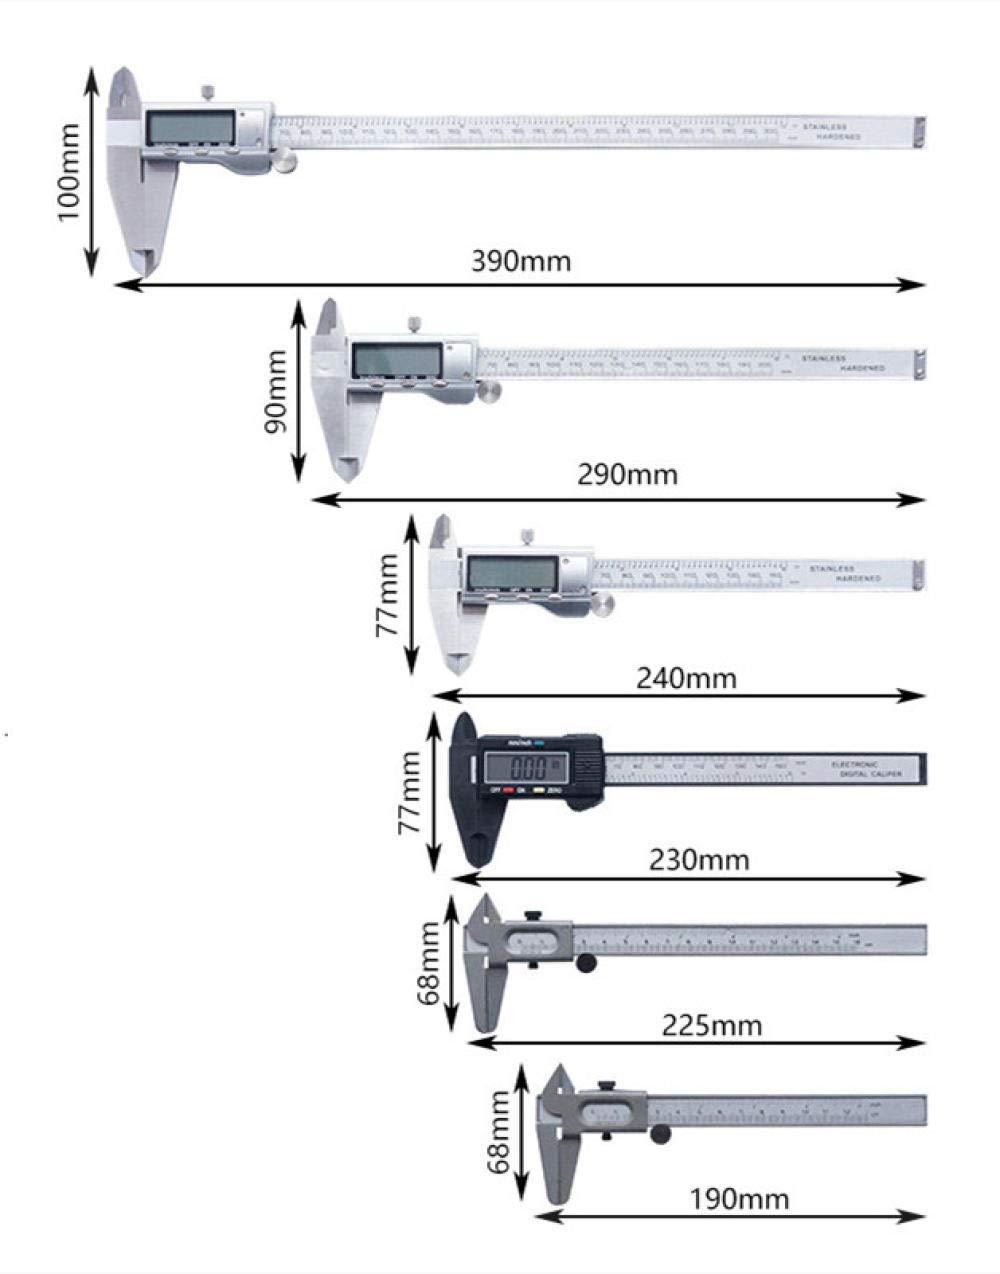 Calibro a corsoio digitale Calibro digitale Display digitale Calibro a corsoio Calibro elettronico 150//200 300mm Calibro digitale quadrante in metallo 200mm